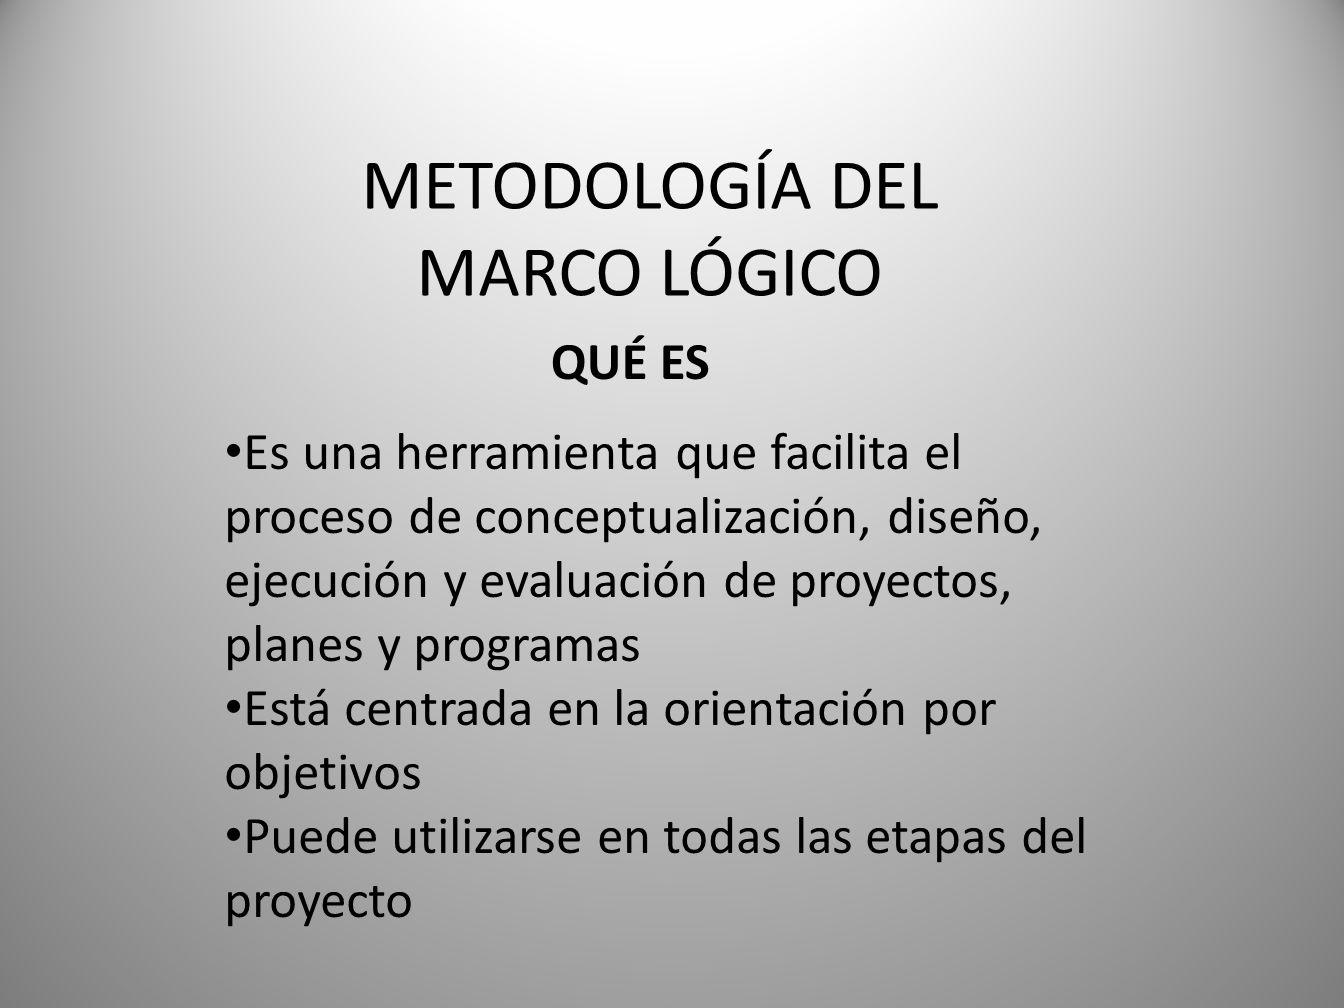 METODOLOGÍA DEL MARCO LÓGICO Es una herramienta que facilita el proceso de conceptualización, diseño, ejecución y evaluación de proyectos, planes y programas Está centrada en la orientación por objetivos Puede utilizarse en todas las etapas del proyecto QUÉ ES